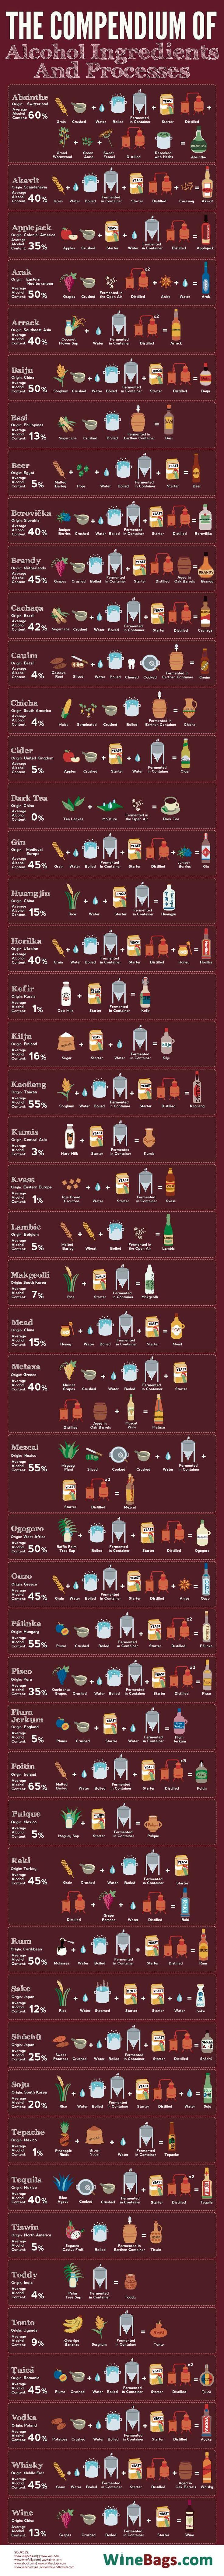 //   Le vin, la bière, le rhum… Comment sont fabriqués toutes ces boissons alcoolisées ? Voici une infographie réalisée par WineBags, qui explique l